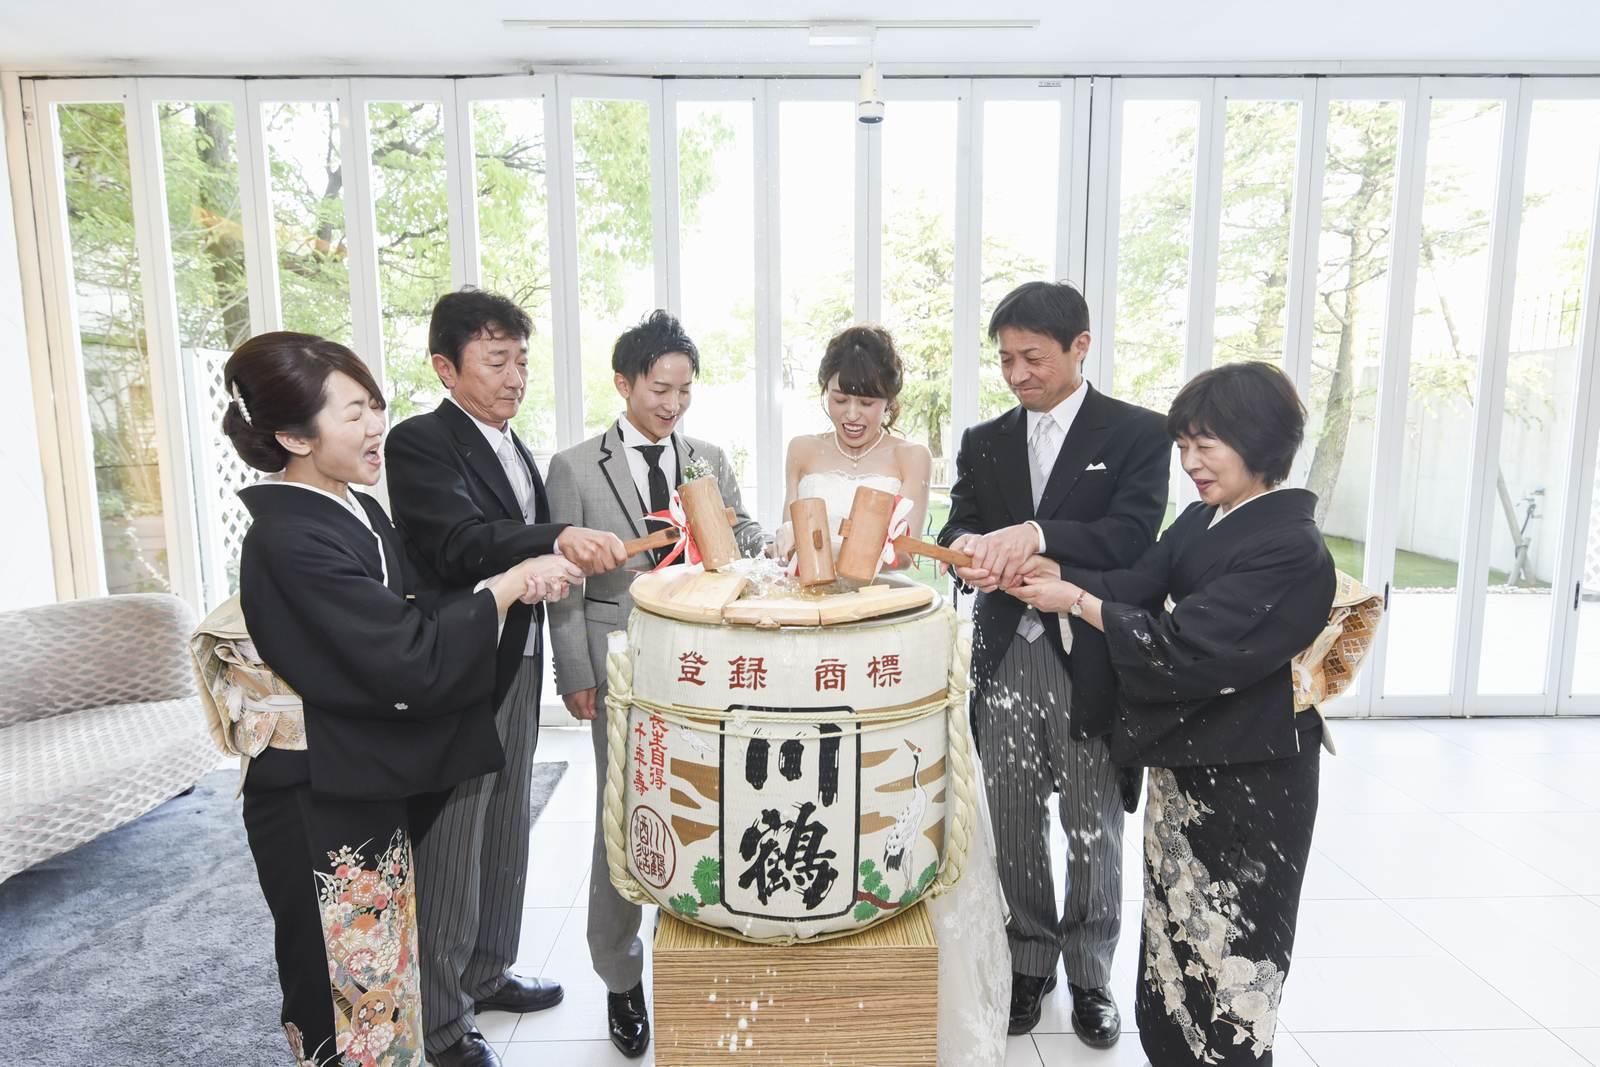 香川県の結婚式場シェルエメール&アイスタイルの鏡開き